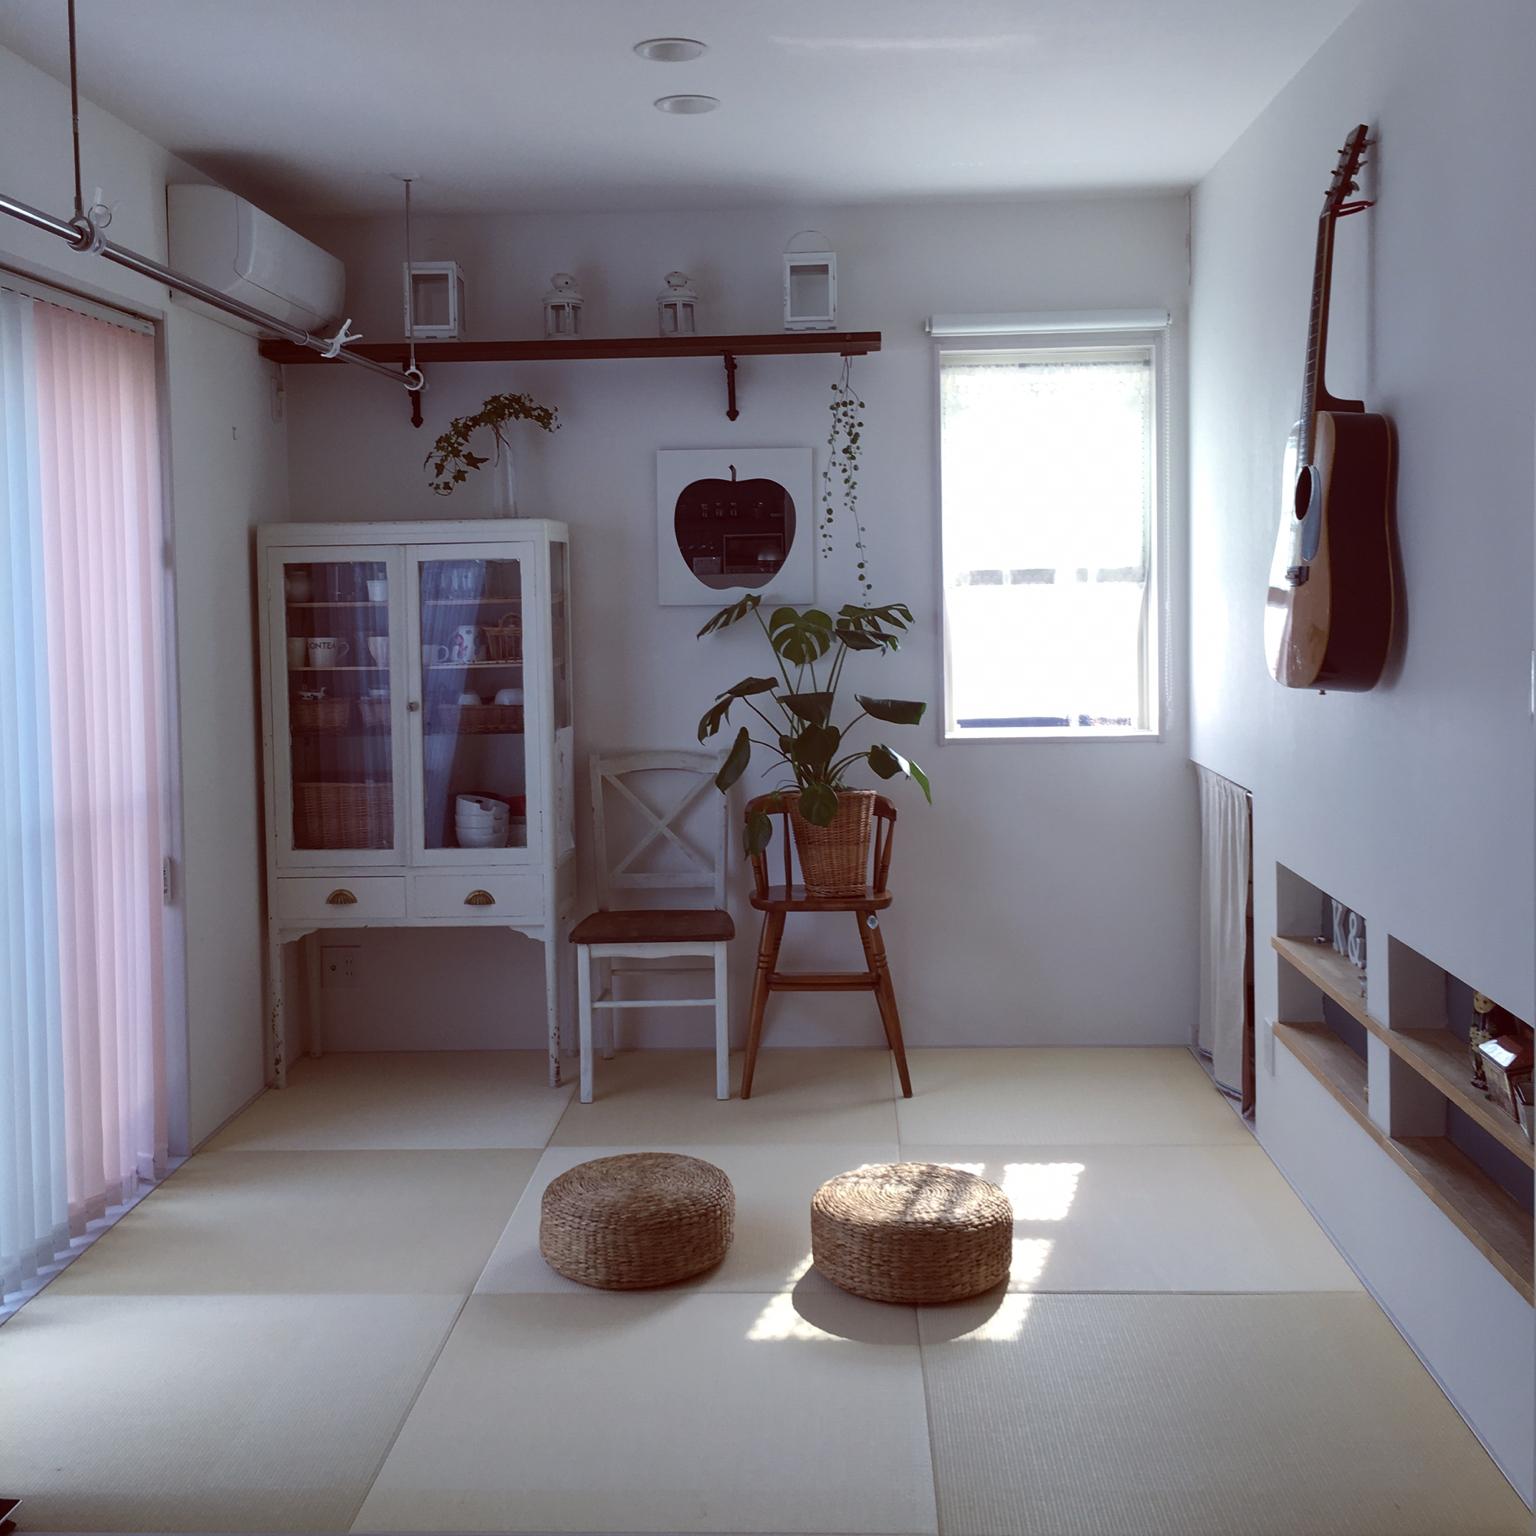 女性で、Other、家族住まいのいいね&フォローありがとうございます♡/模様替え/和室/洋室から和室へ戻しました/琉球畳…などについてのインテリア実例を紹介。